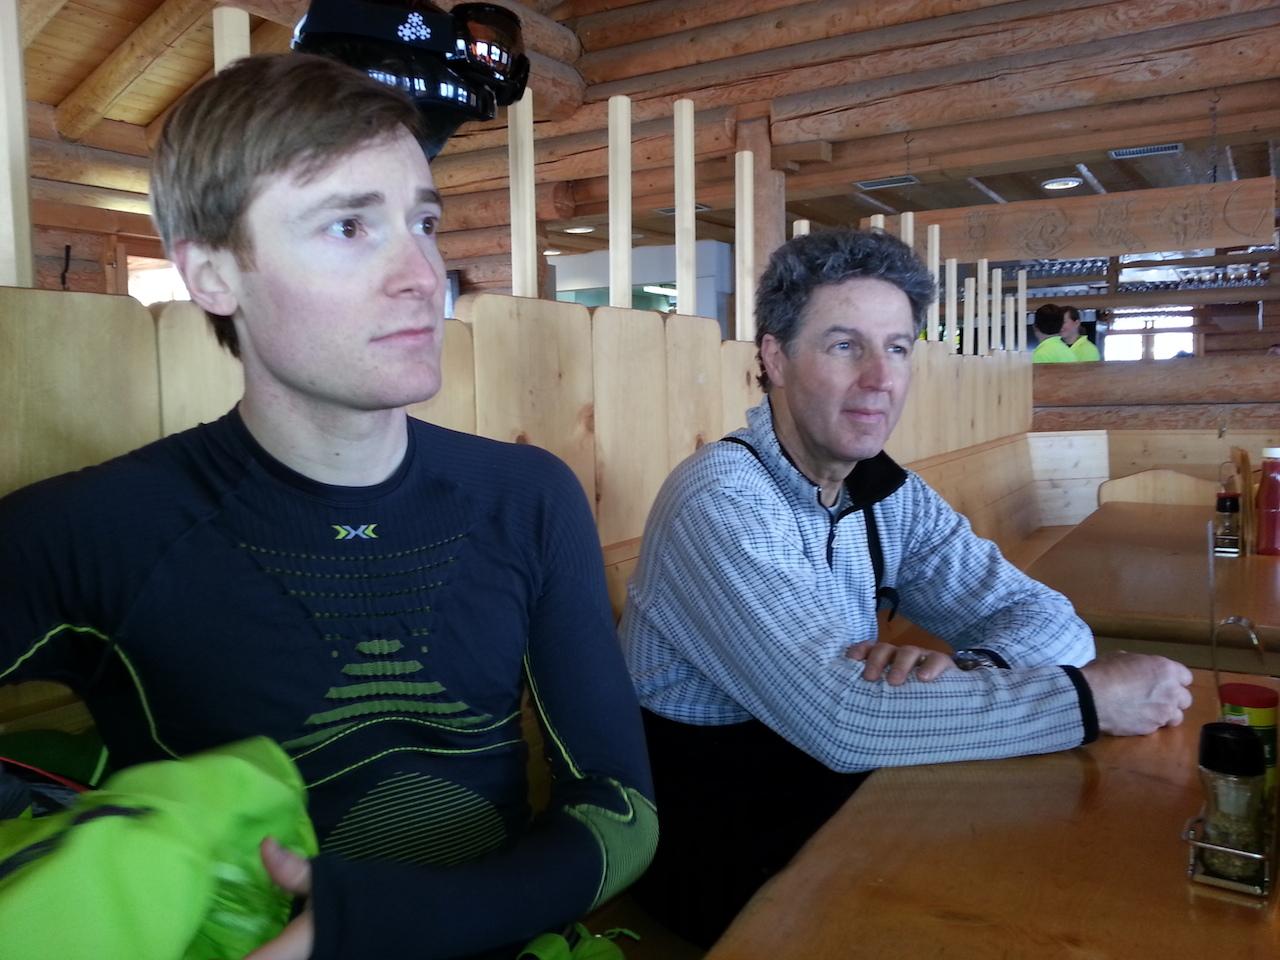 2014-01-11-sf-skiweekend-001